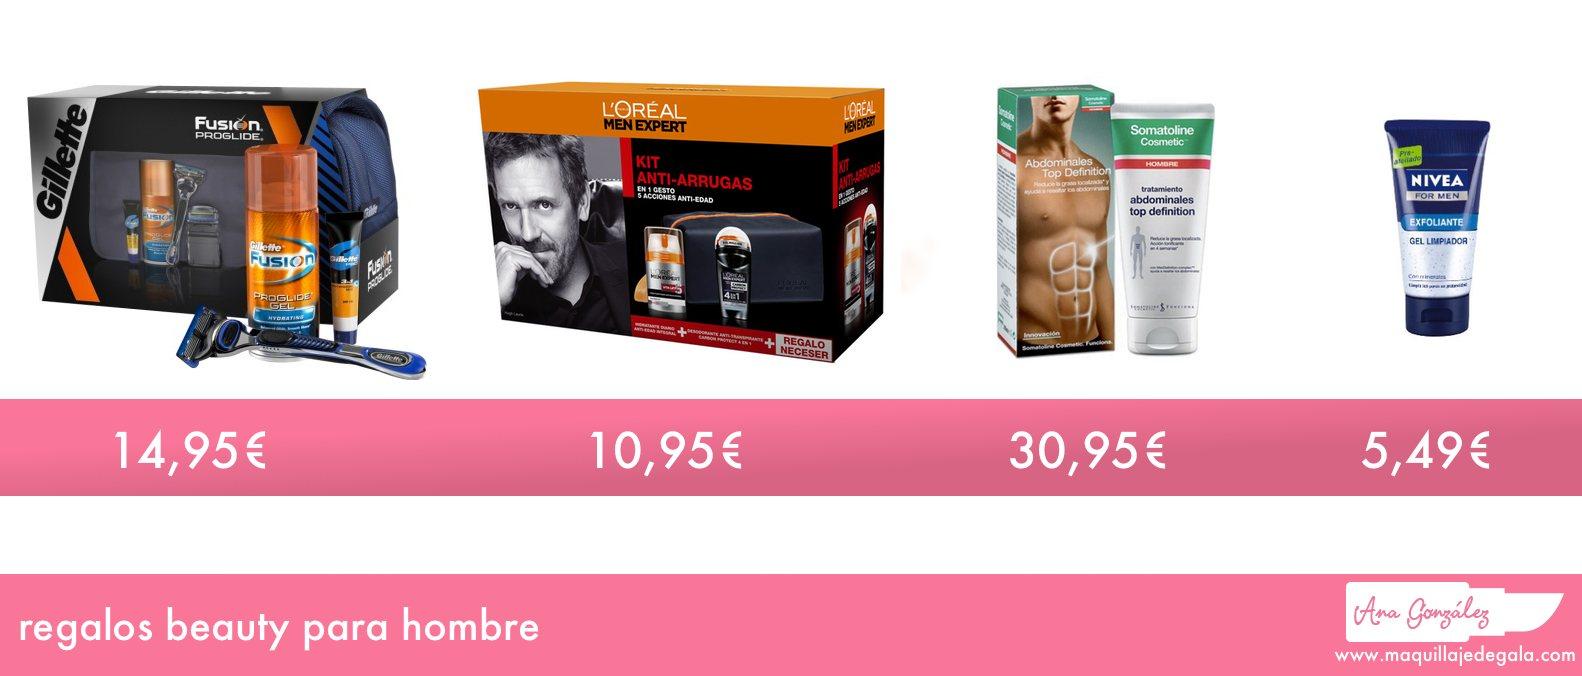 regalos_beauty_hombre